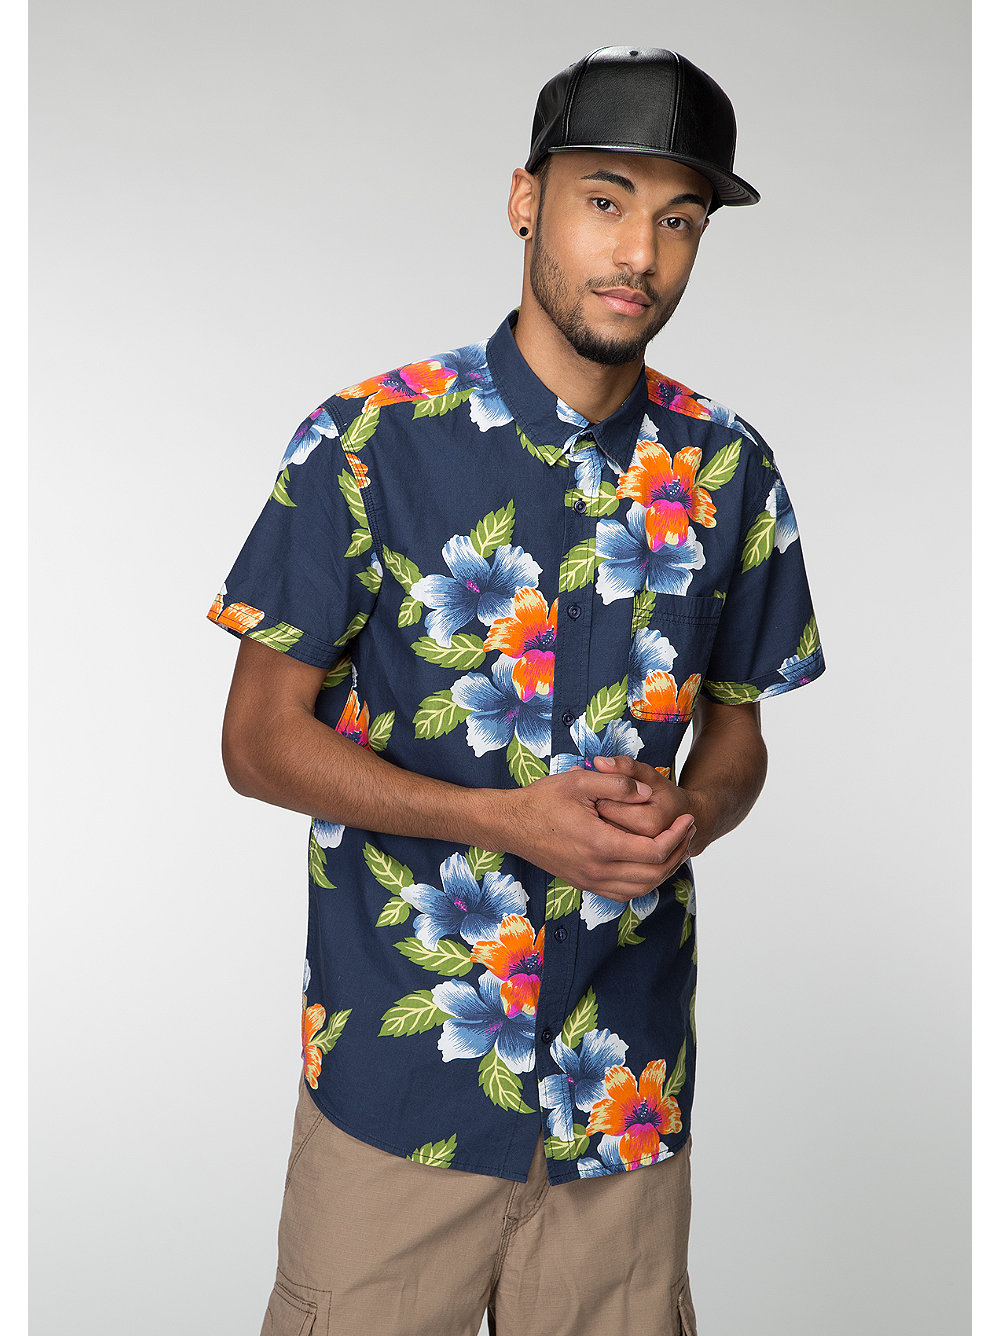 Future Past Hemd Hawaii navy/multi floral blau S